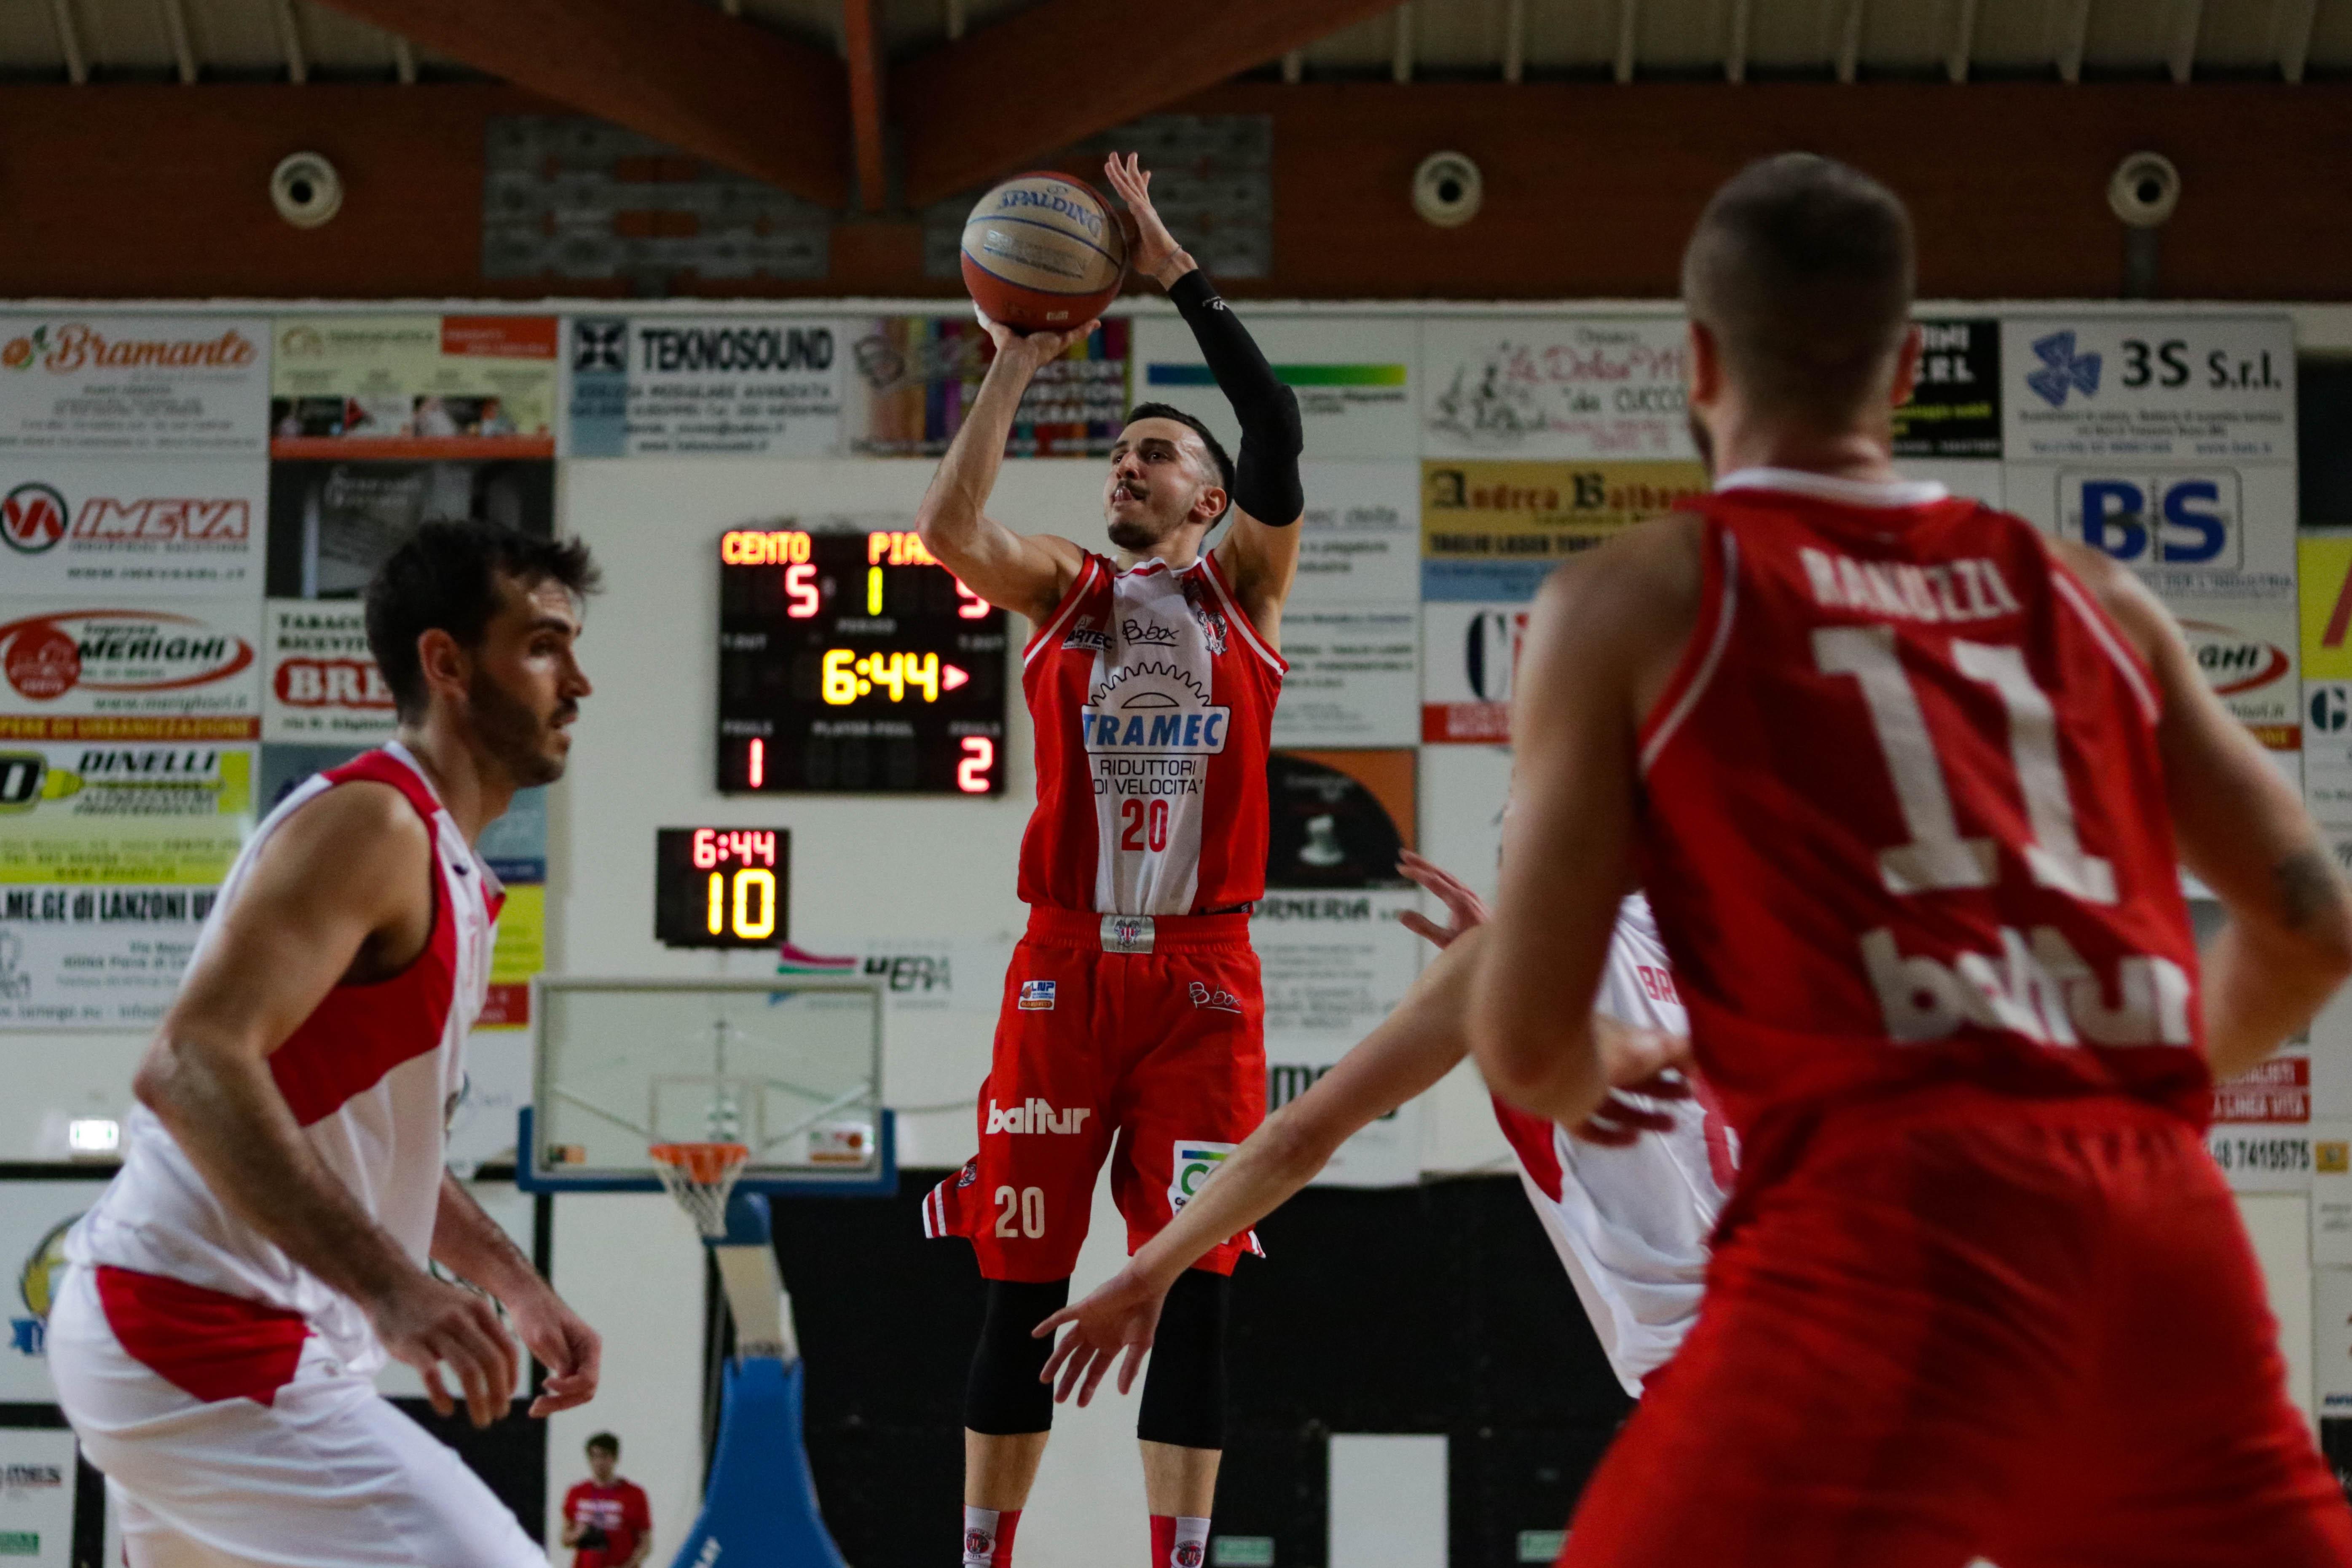 Vittoria e primato per la Tramec Cento che batte Piacenza 73-58